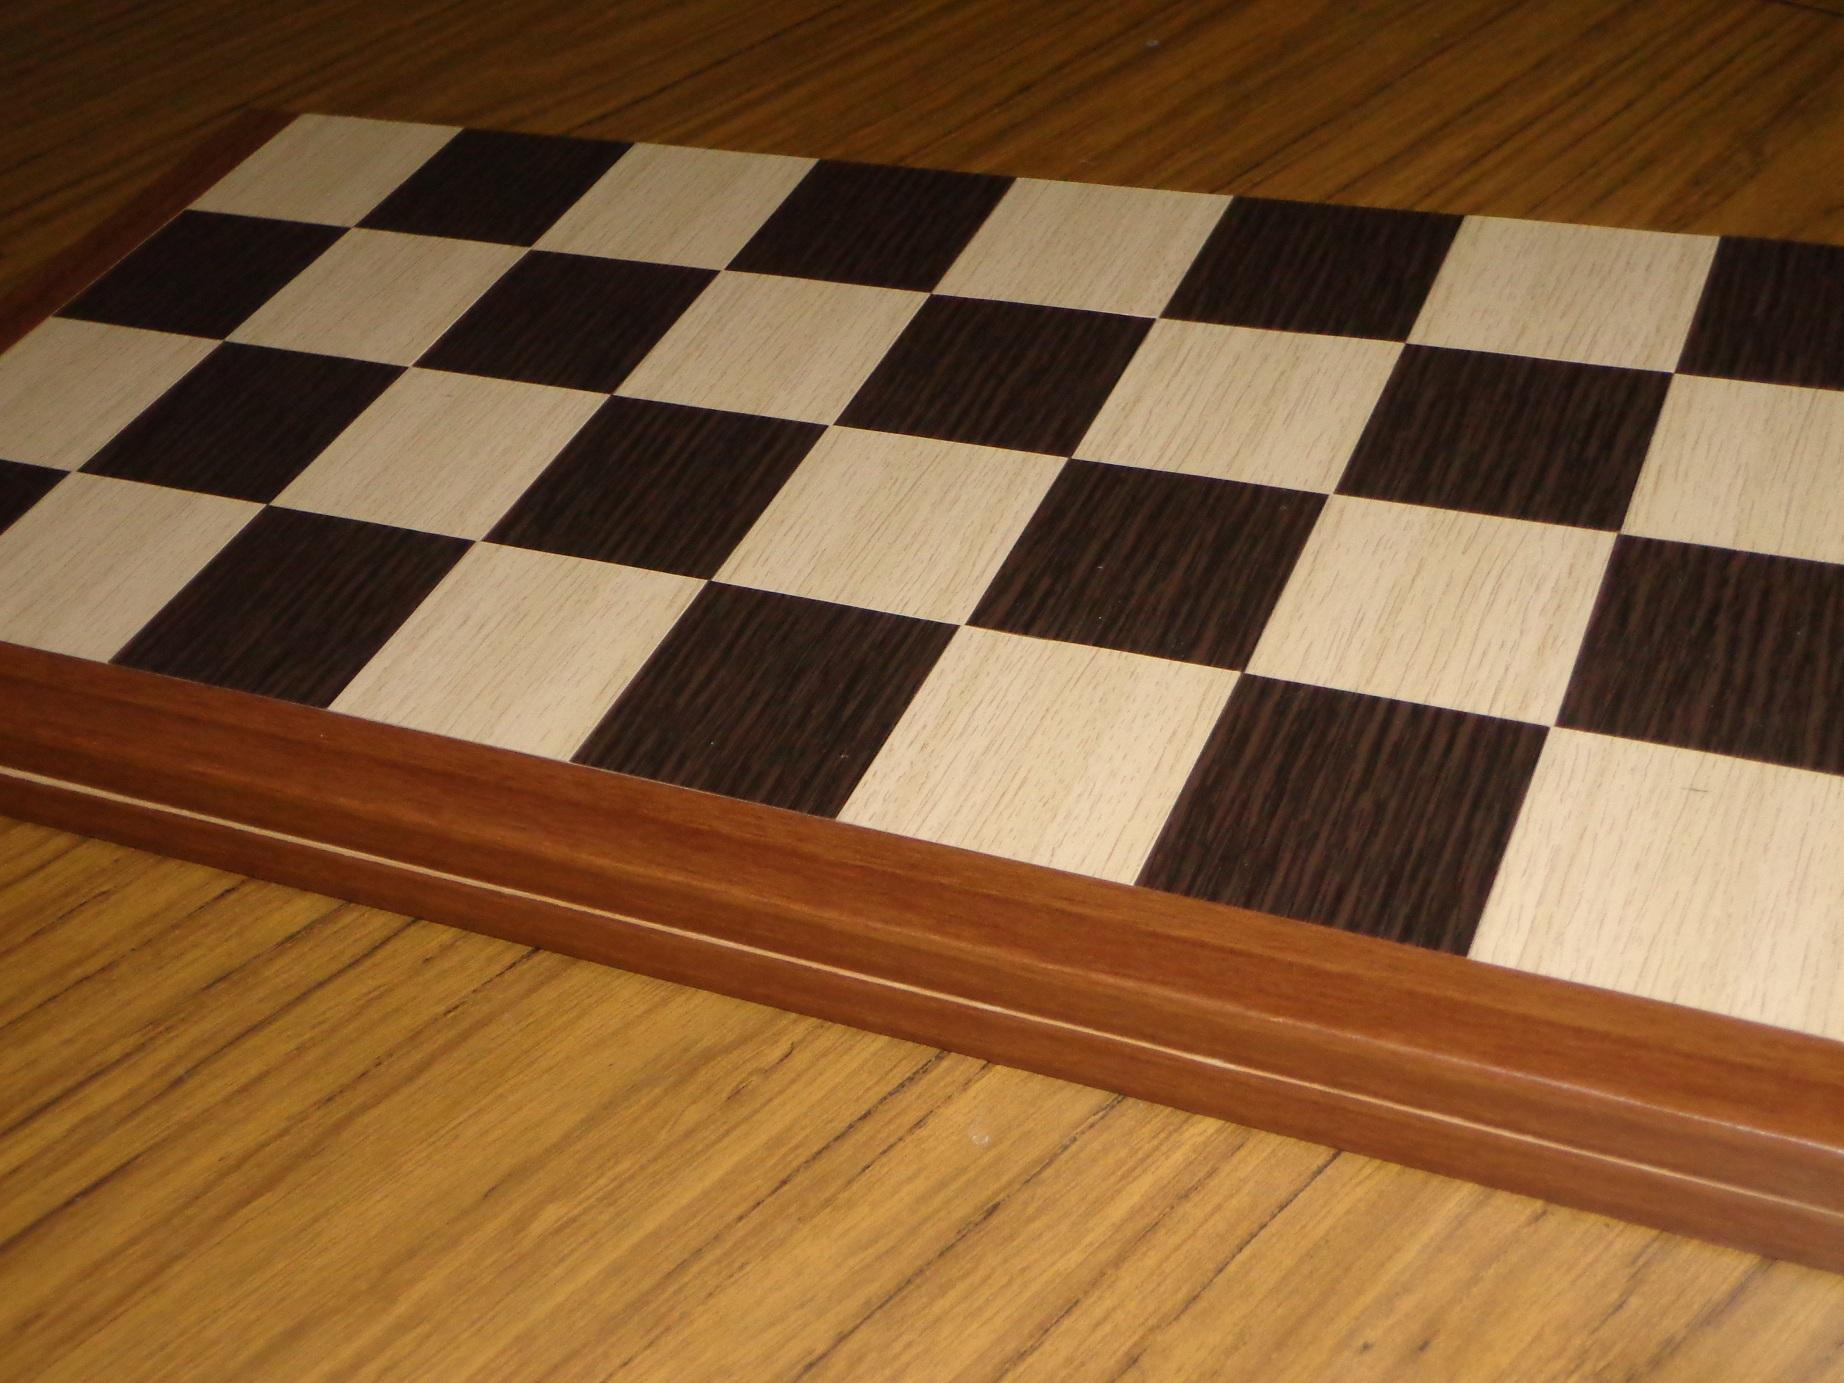 tableros ajedrez plegables  MDF enchapado